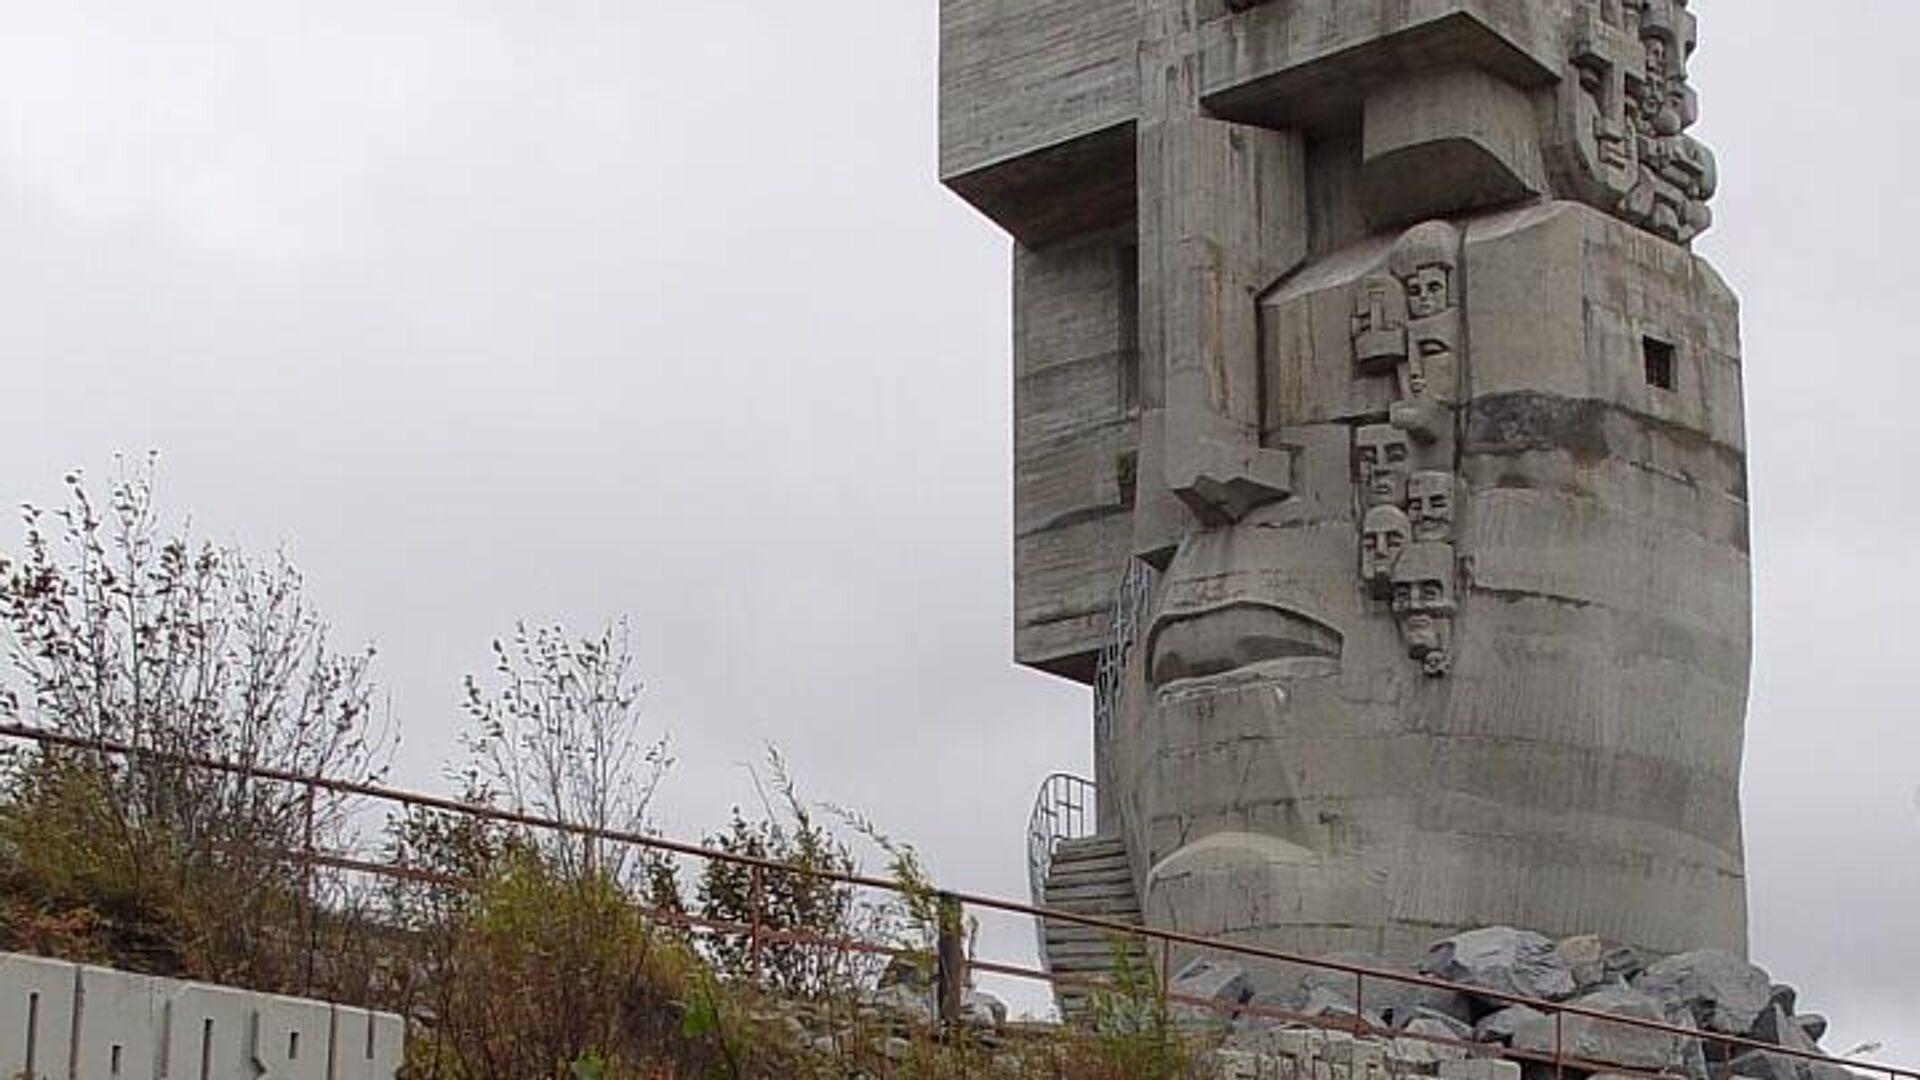 Монумент Маска скорби в Магадане - РИА Новости, 1920, 29.10.2020